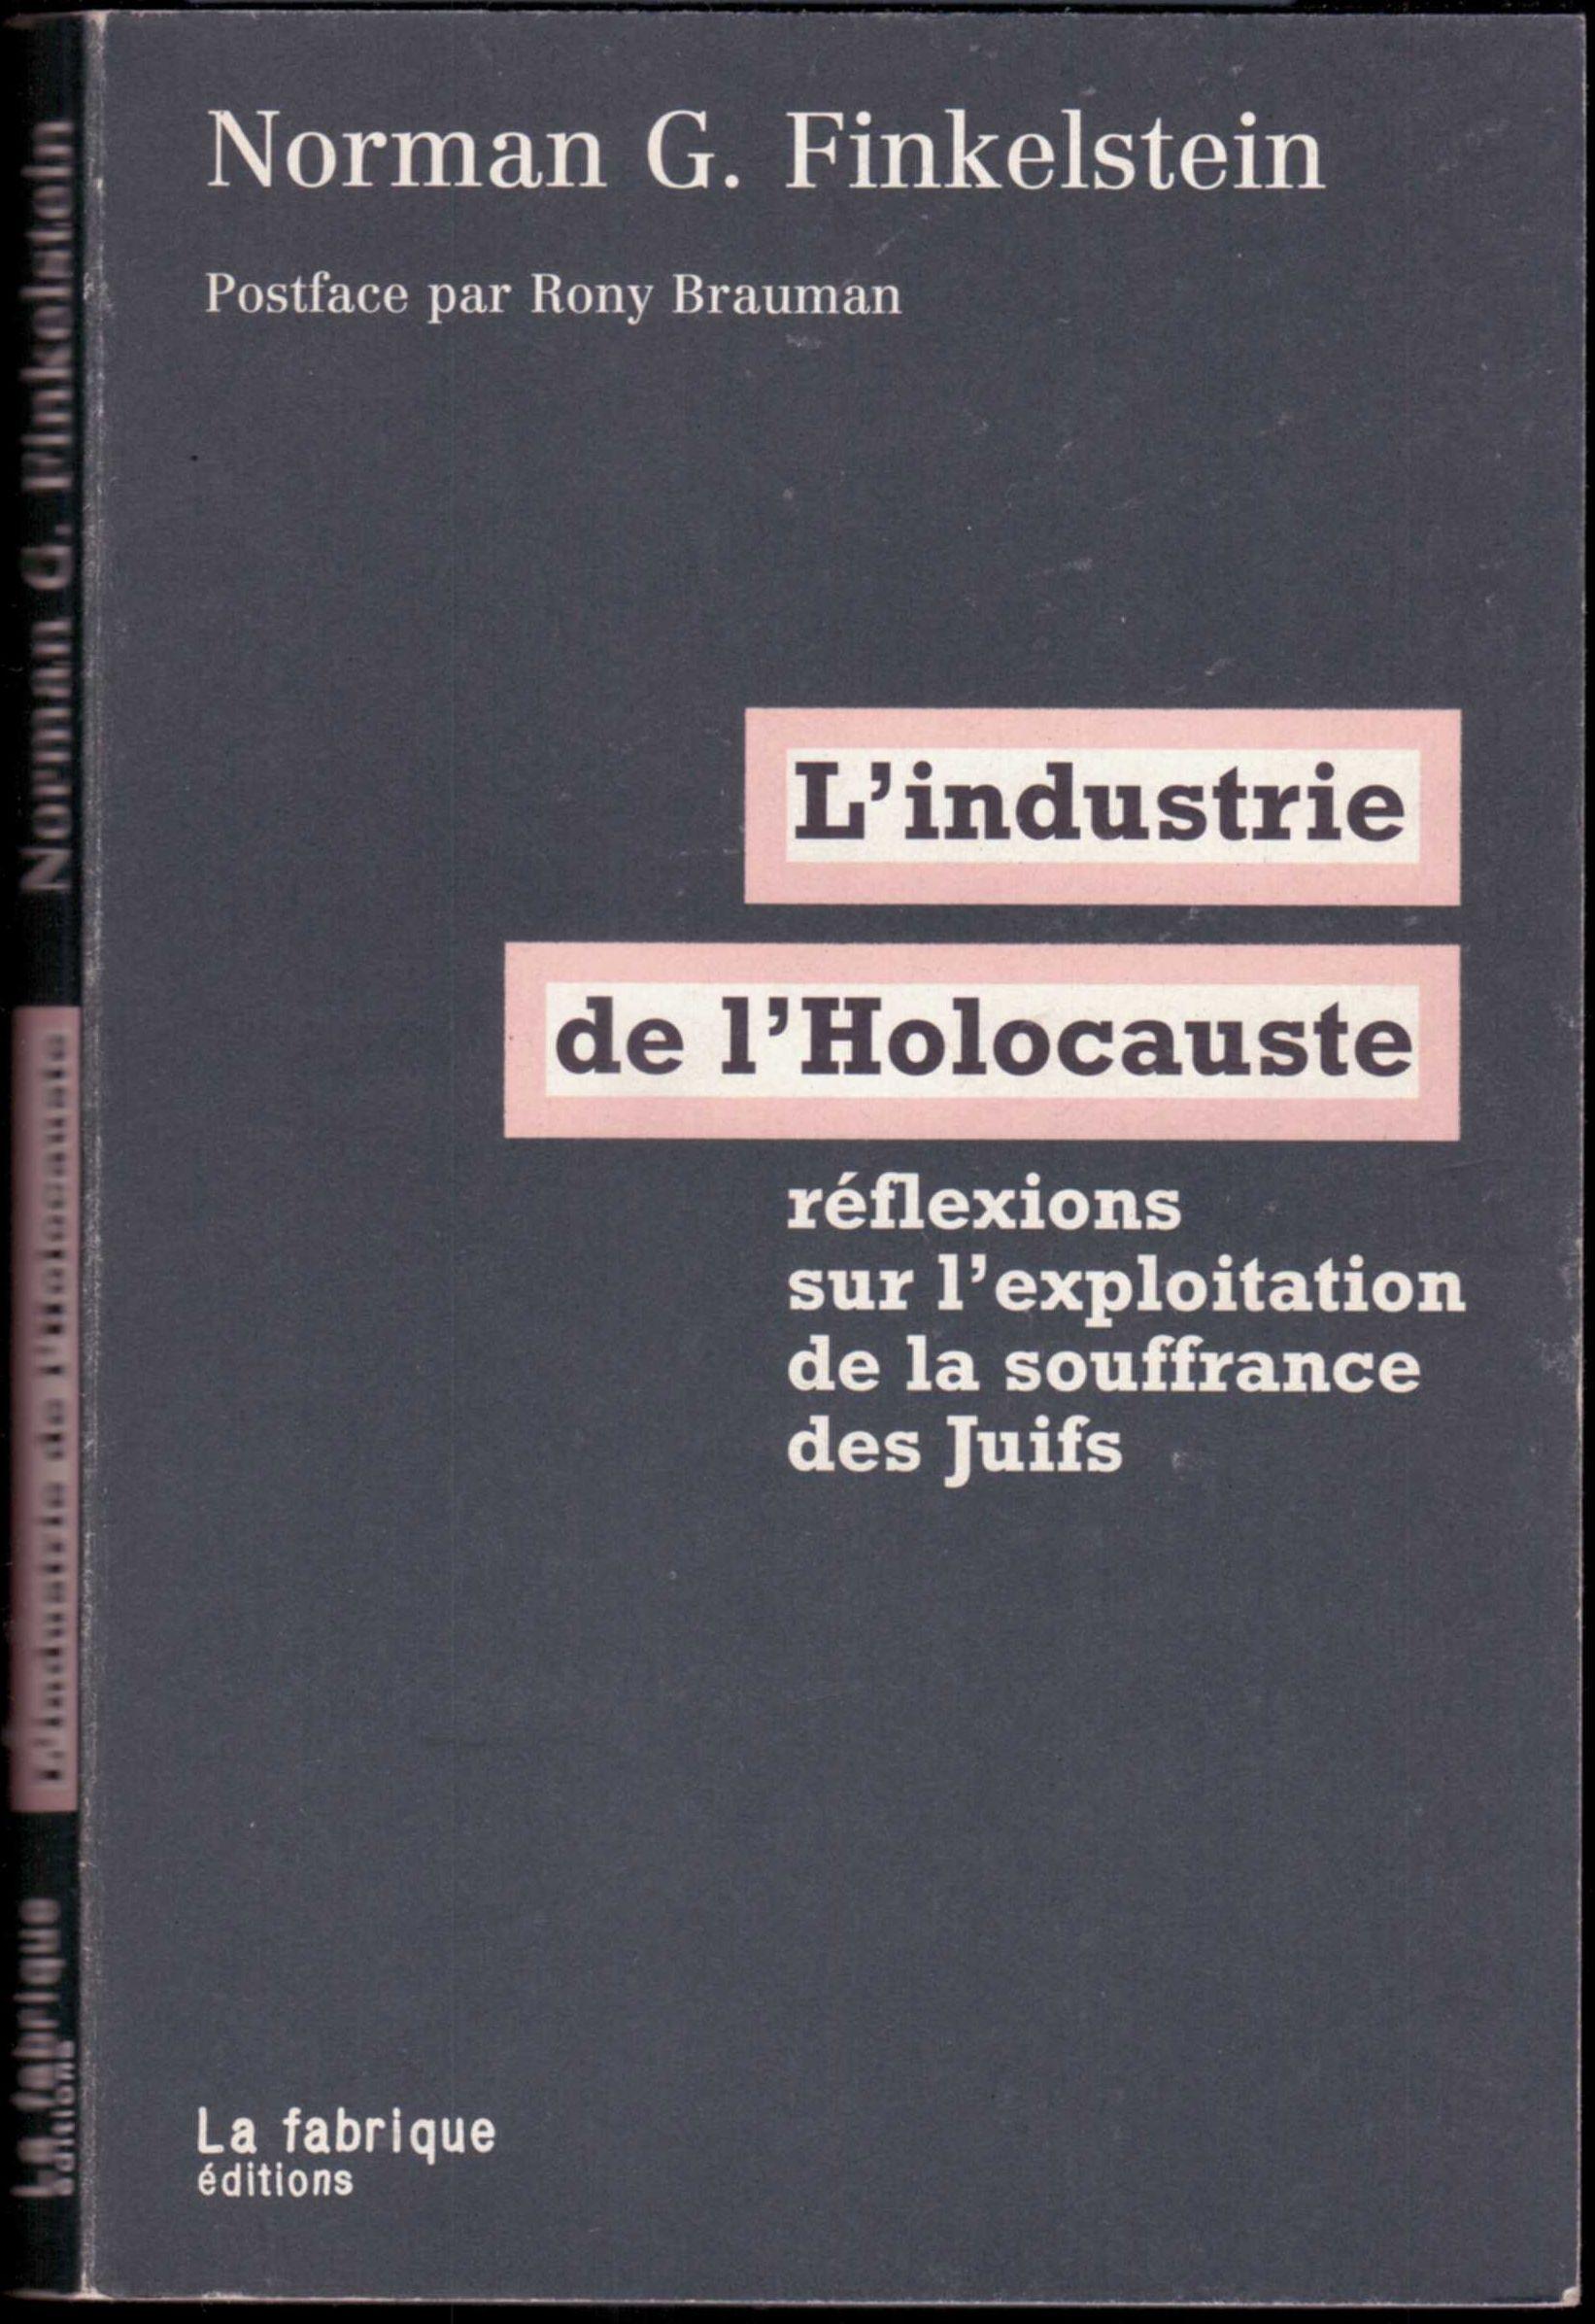 L'industrie de l'Holocauste